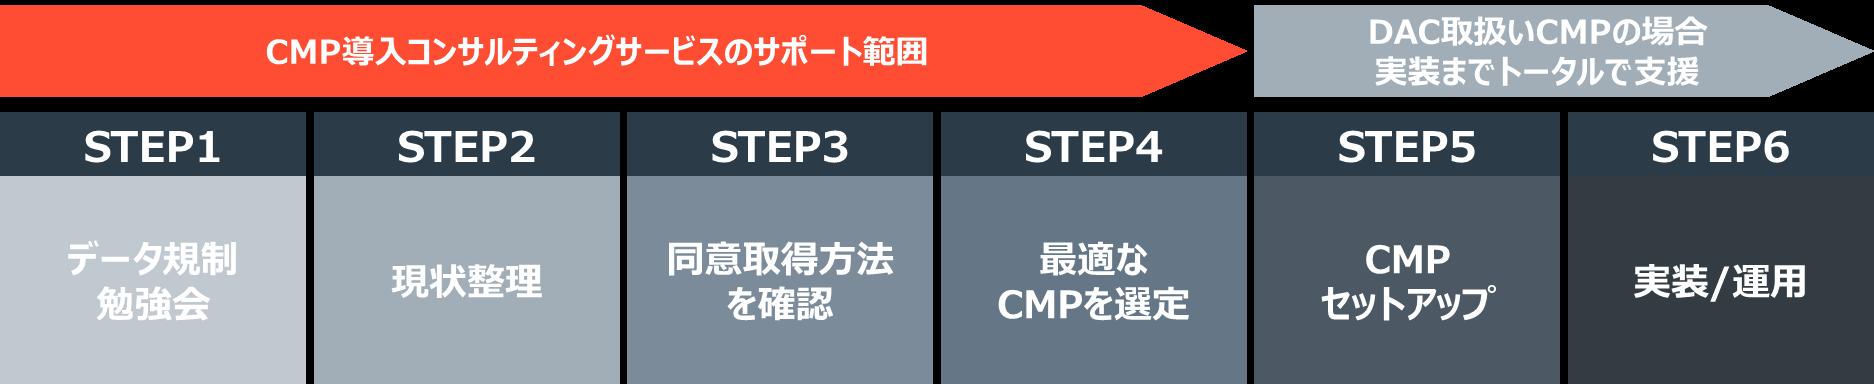 CMPコンサルサービス_フロー